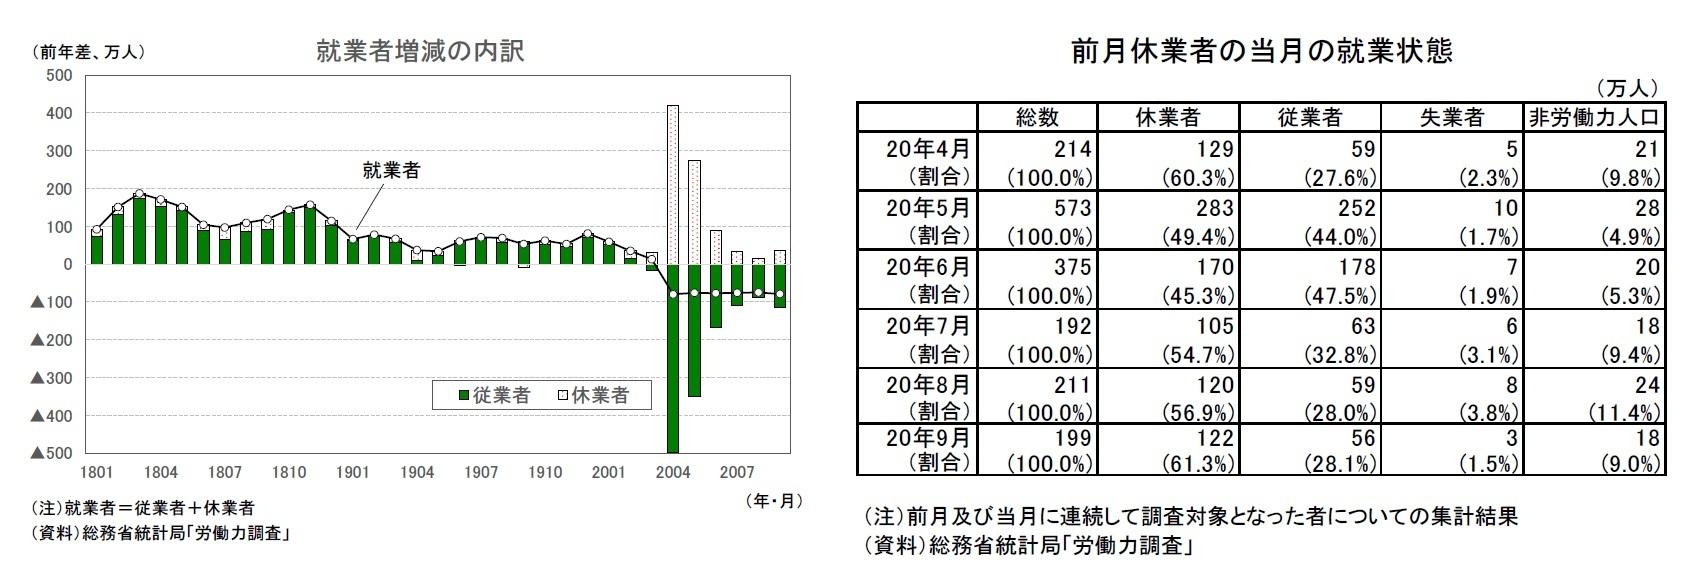 就業者増減の内訳/前月休業者の当月の就業状態